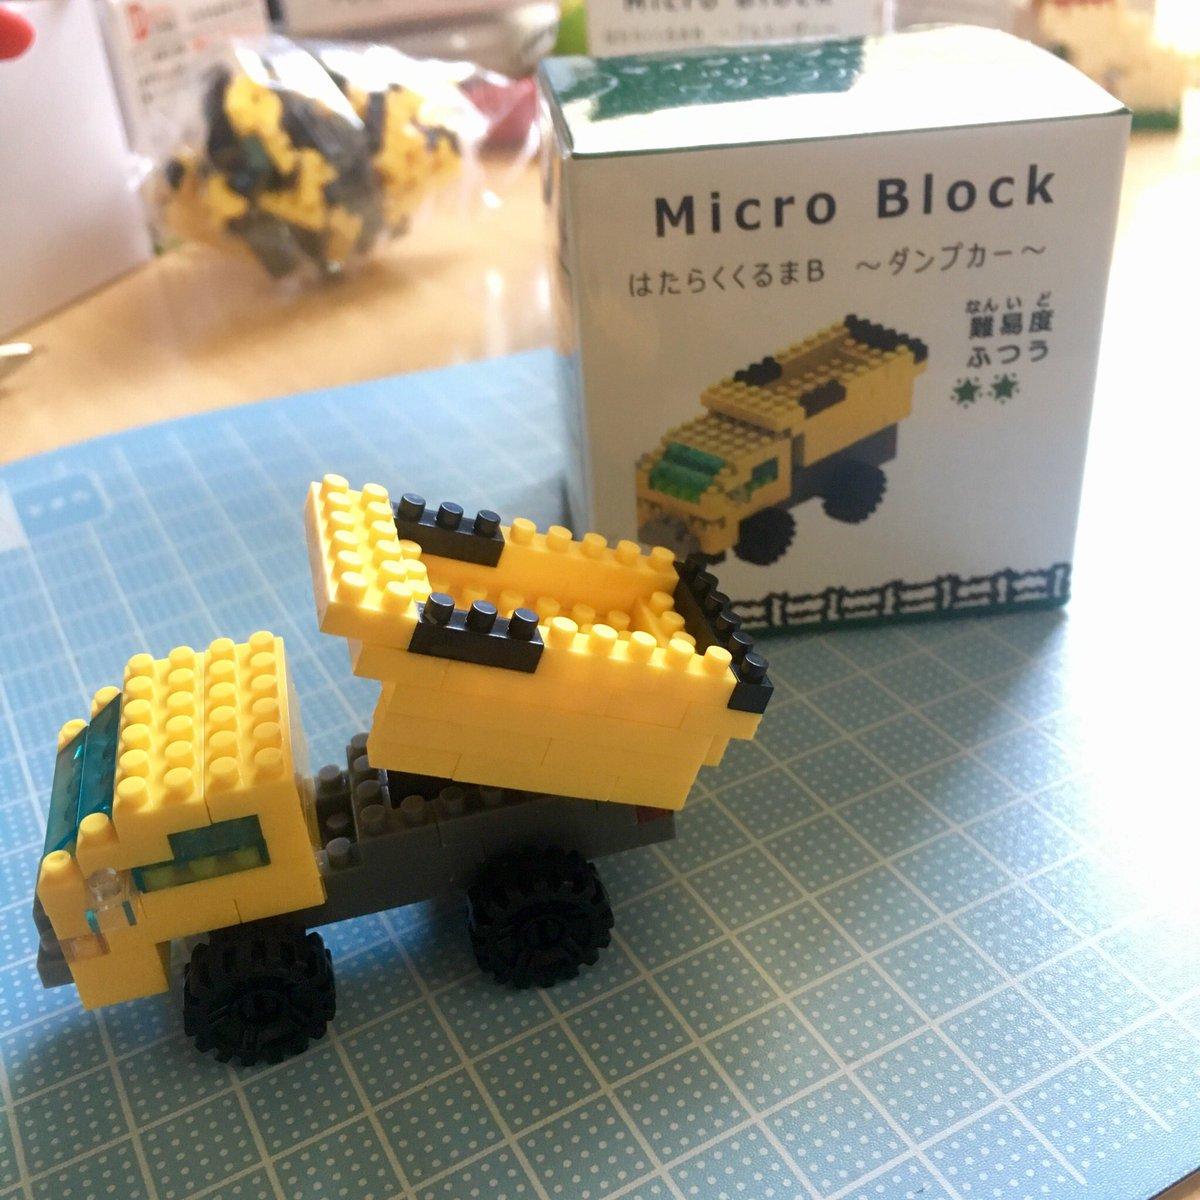 test ツイッターメディア - マイクロブロック ? ダンプカー ? #マイクロブロック #セリア #ダンプカー https://t.co/lU2xPIh2i3